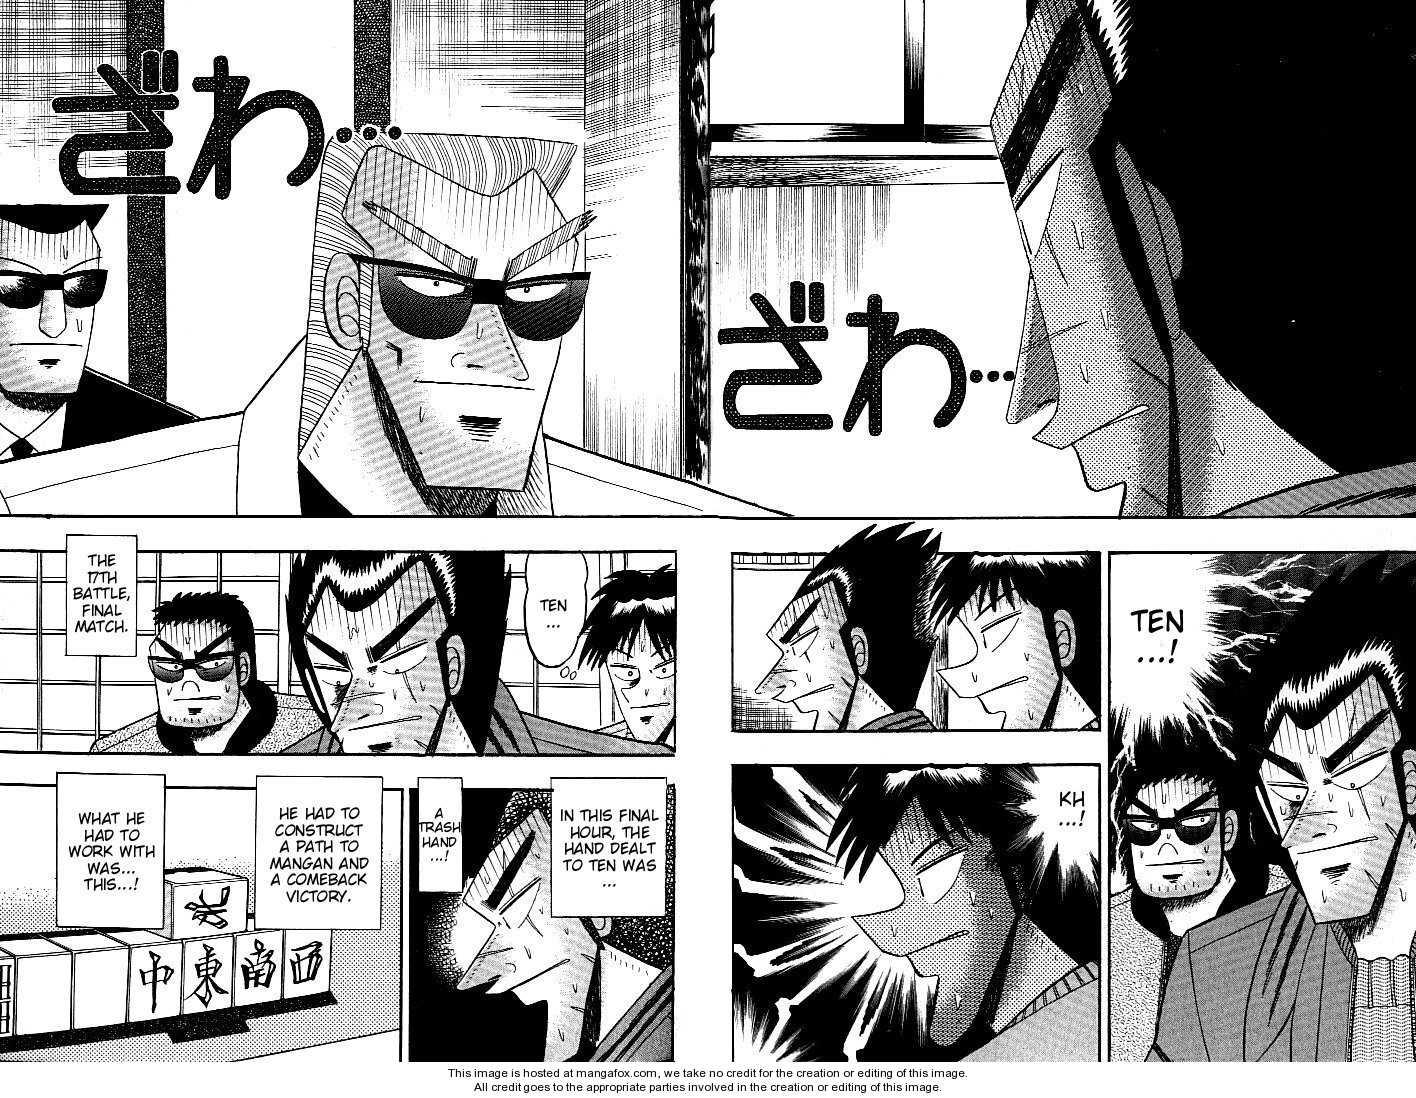 Ten - Tenna Toori no Kaidanji 125 Page 2